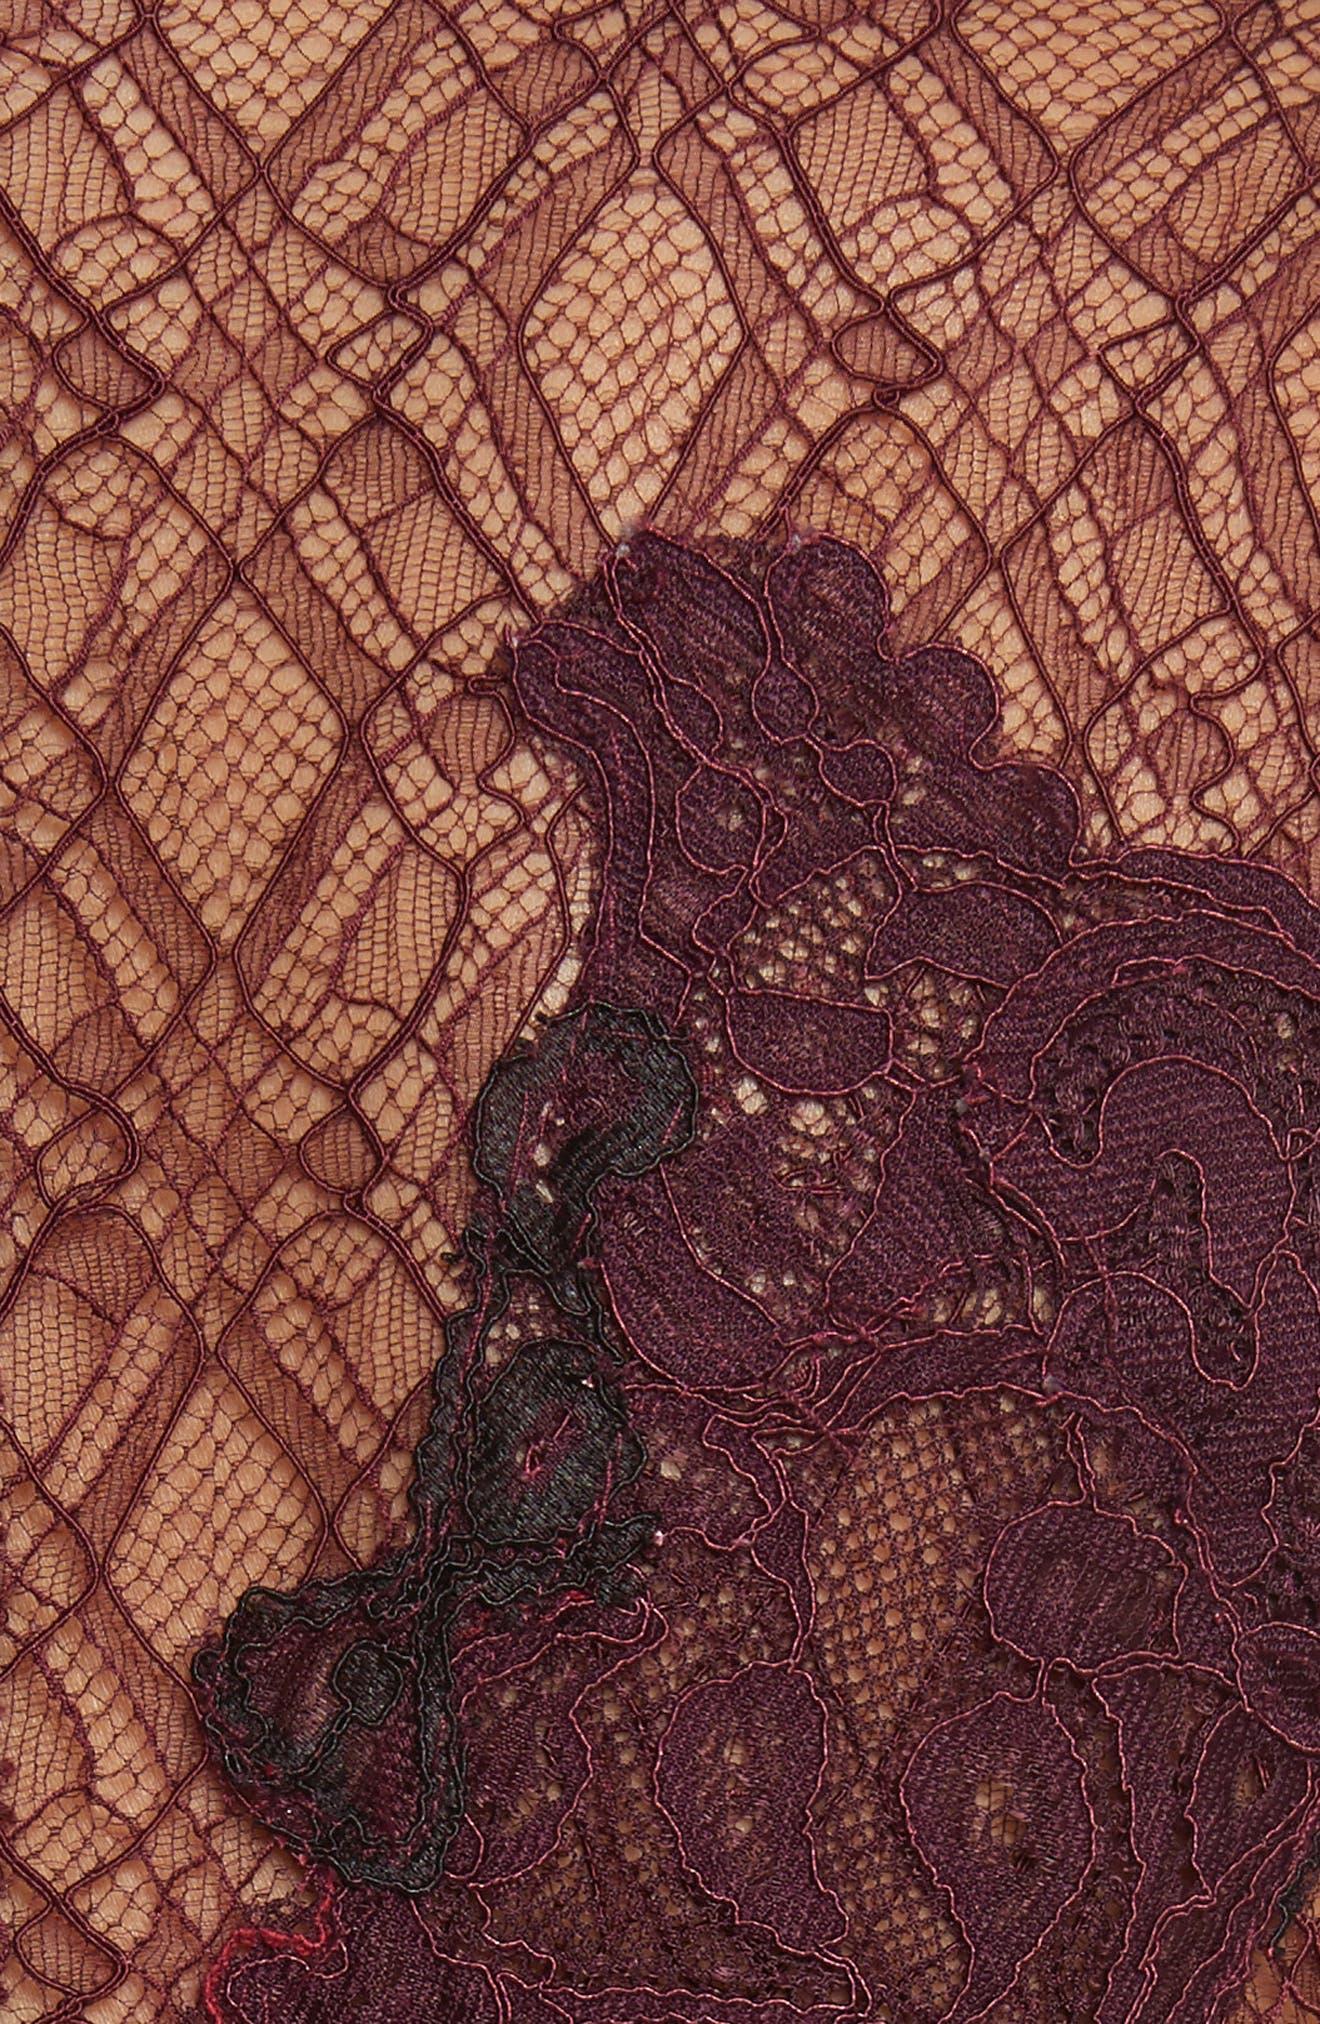 Grommet Detail Lace Dress,                             Alternate thumbnail 5, color,                             602